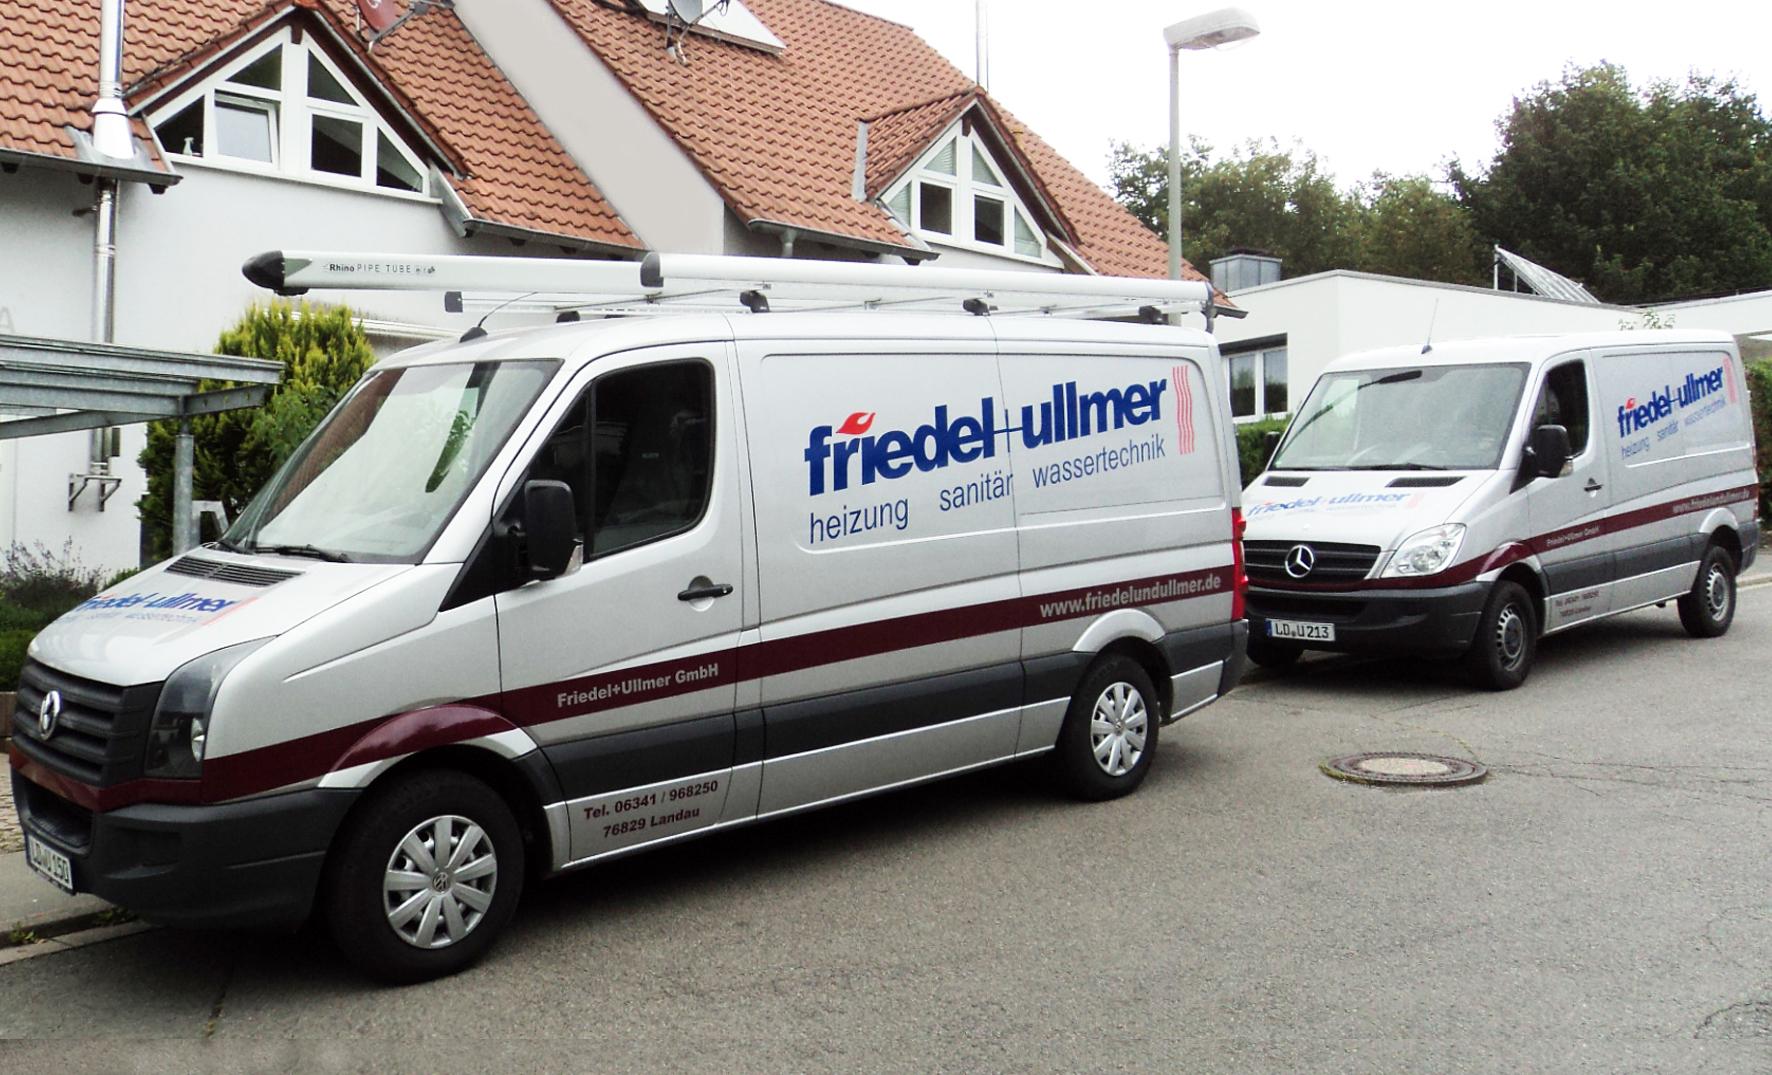 Friedel + Ullmer GmbH aus Landau